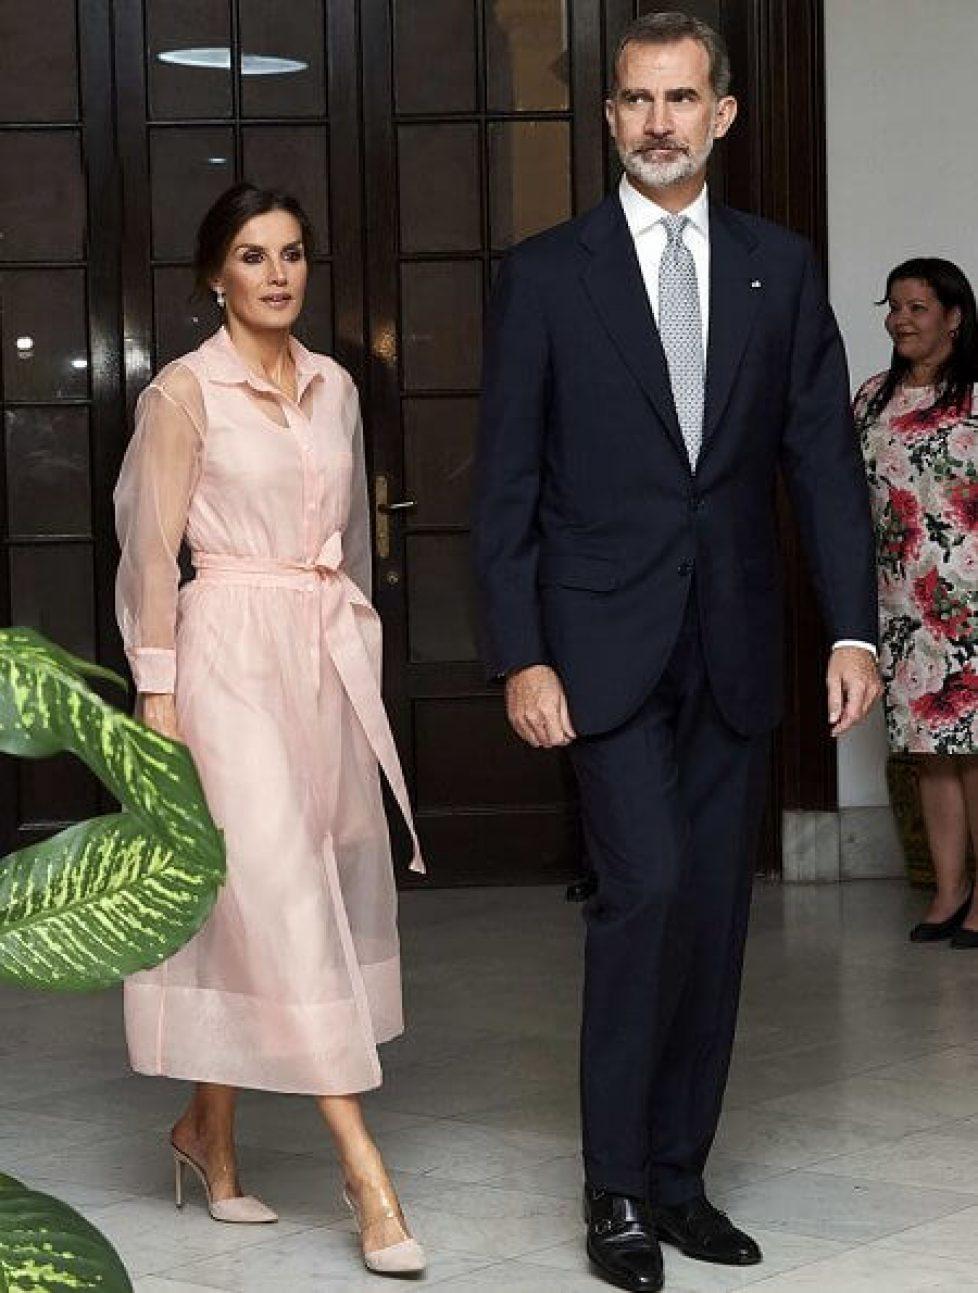 Queen-Letizia-wore-Maje-dress-4